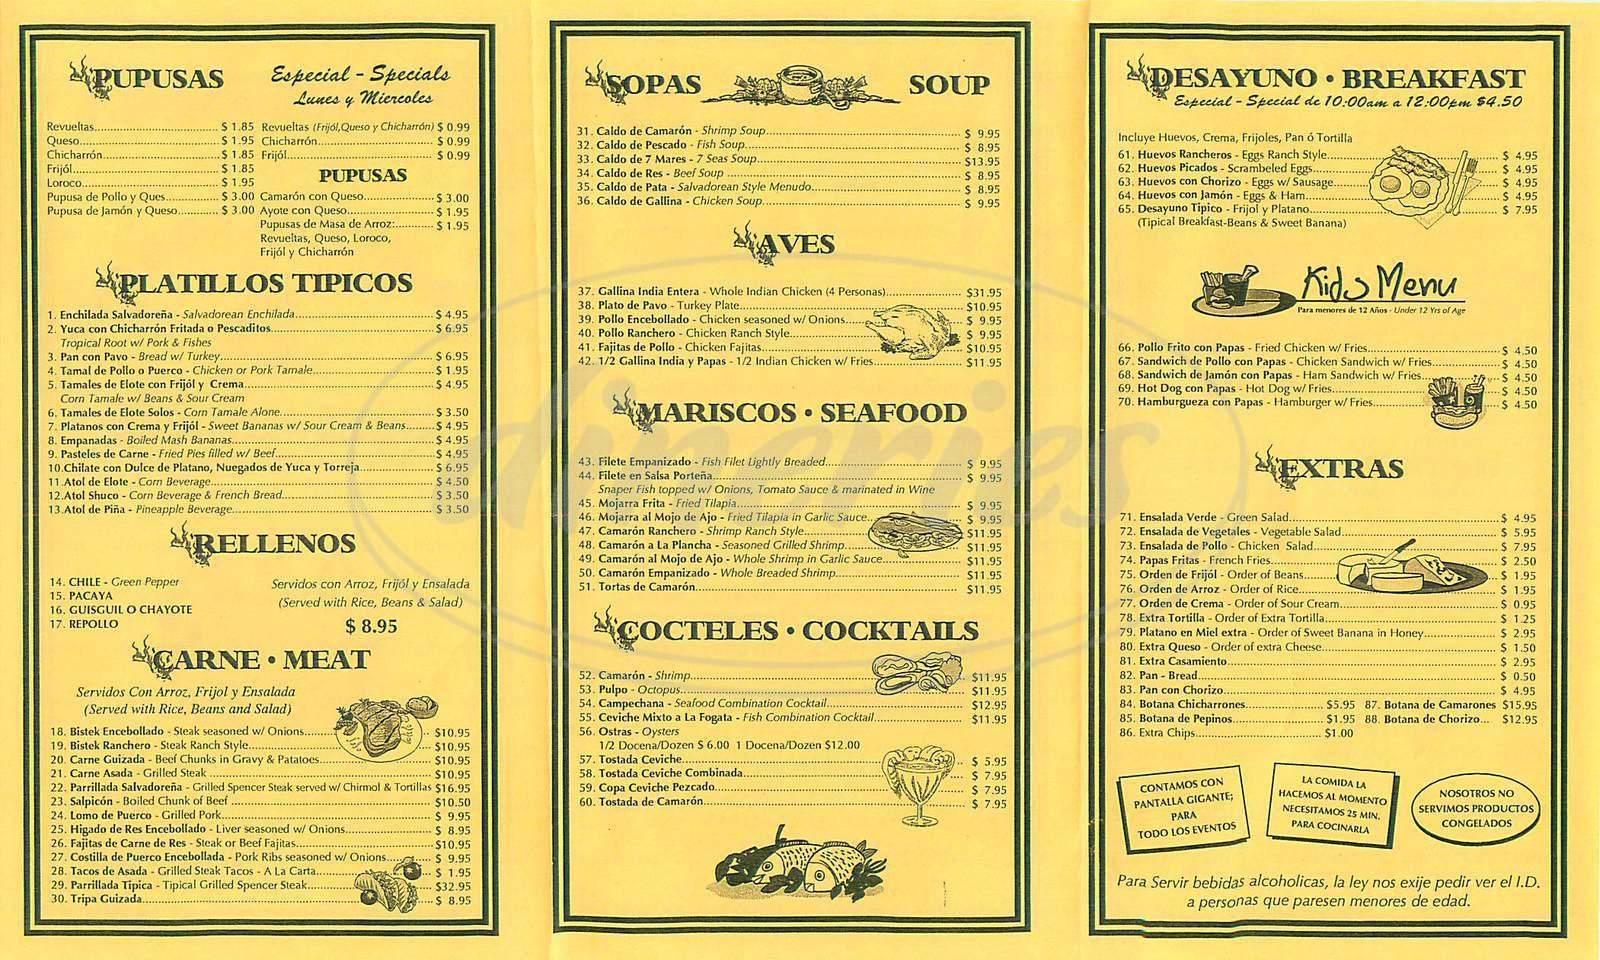 menu for La Nueva Fogata